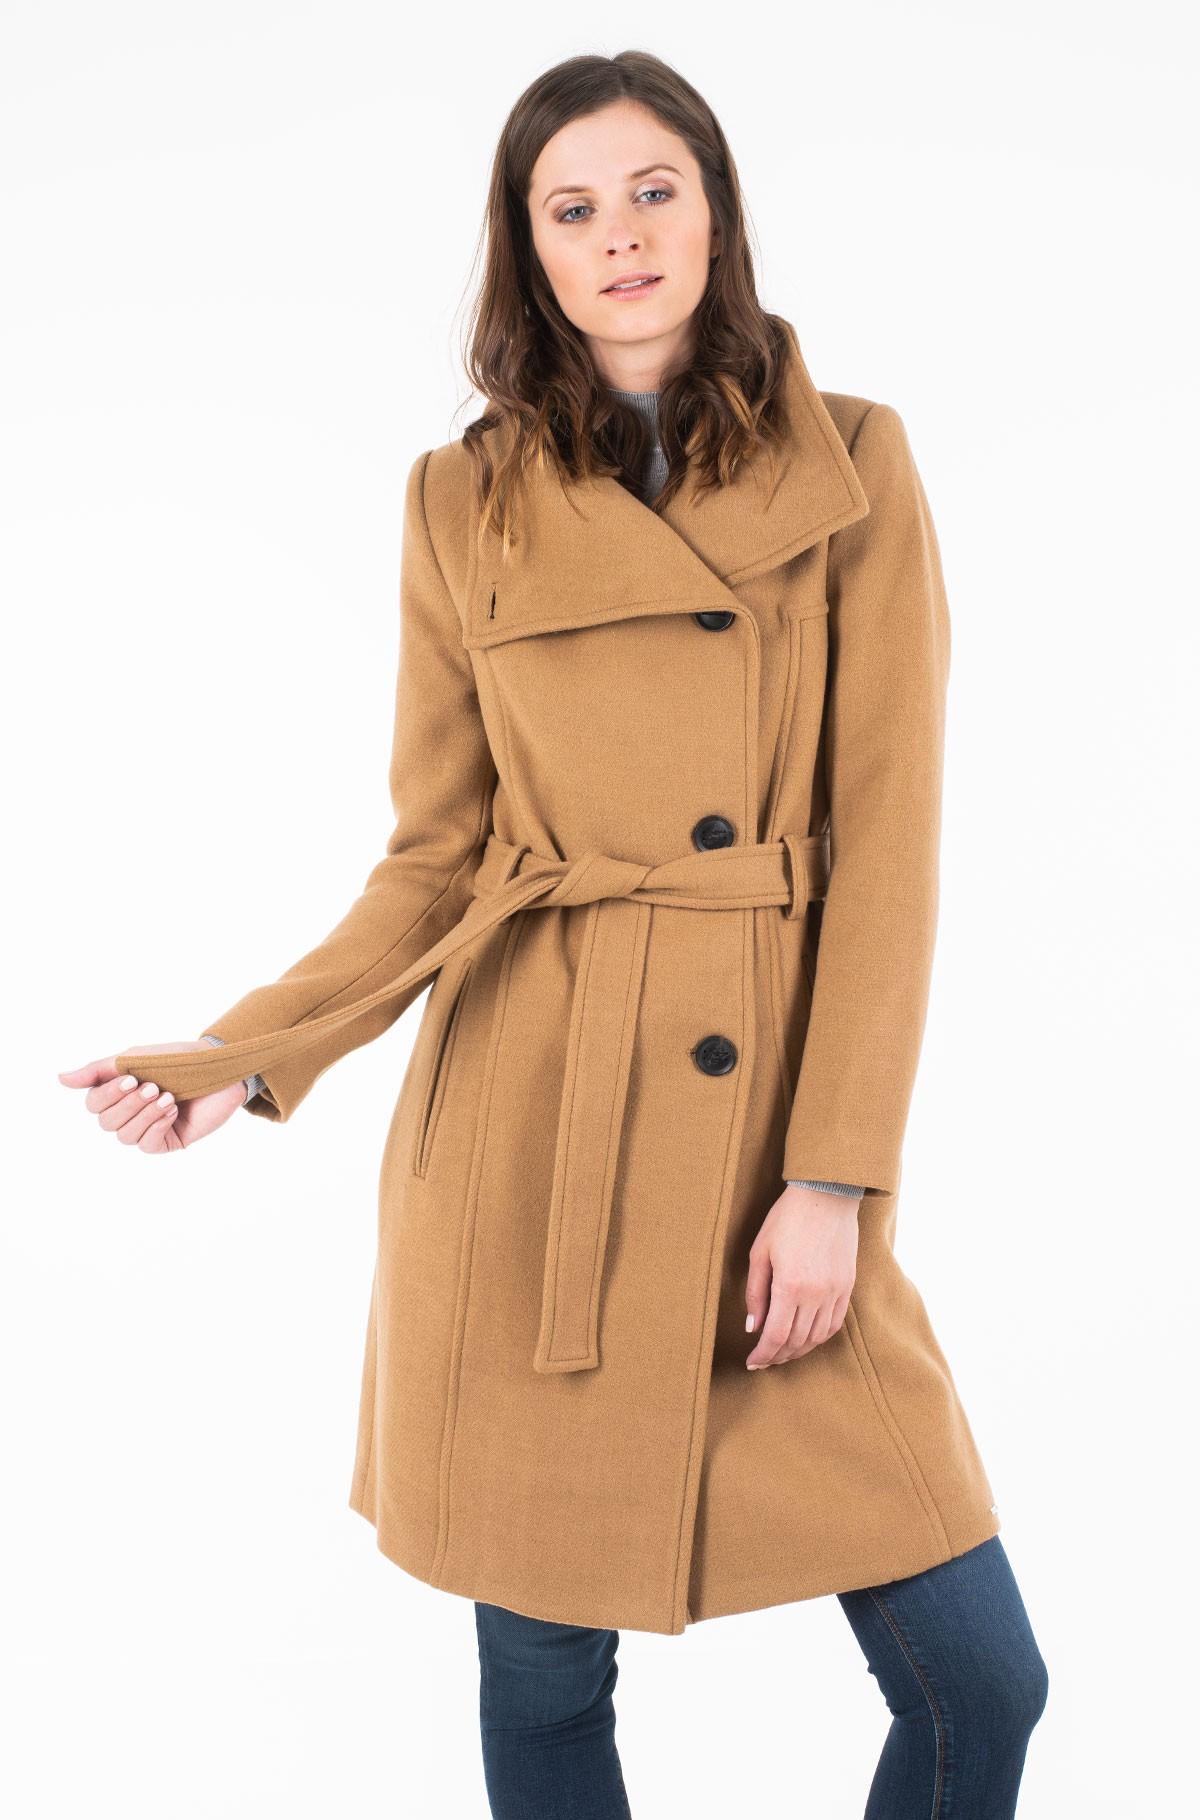 Coat Cadence-full-1